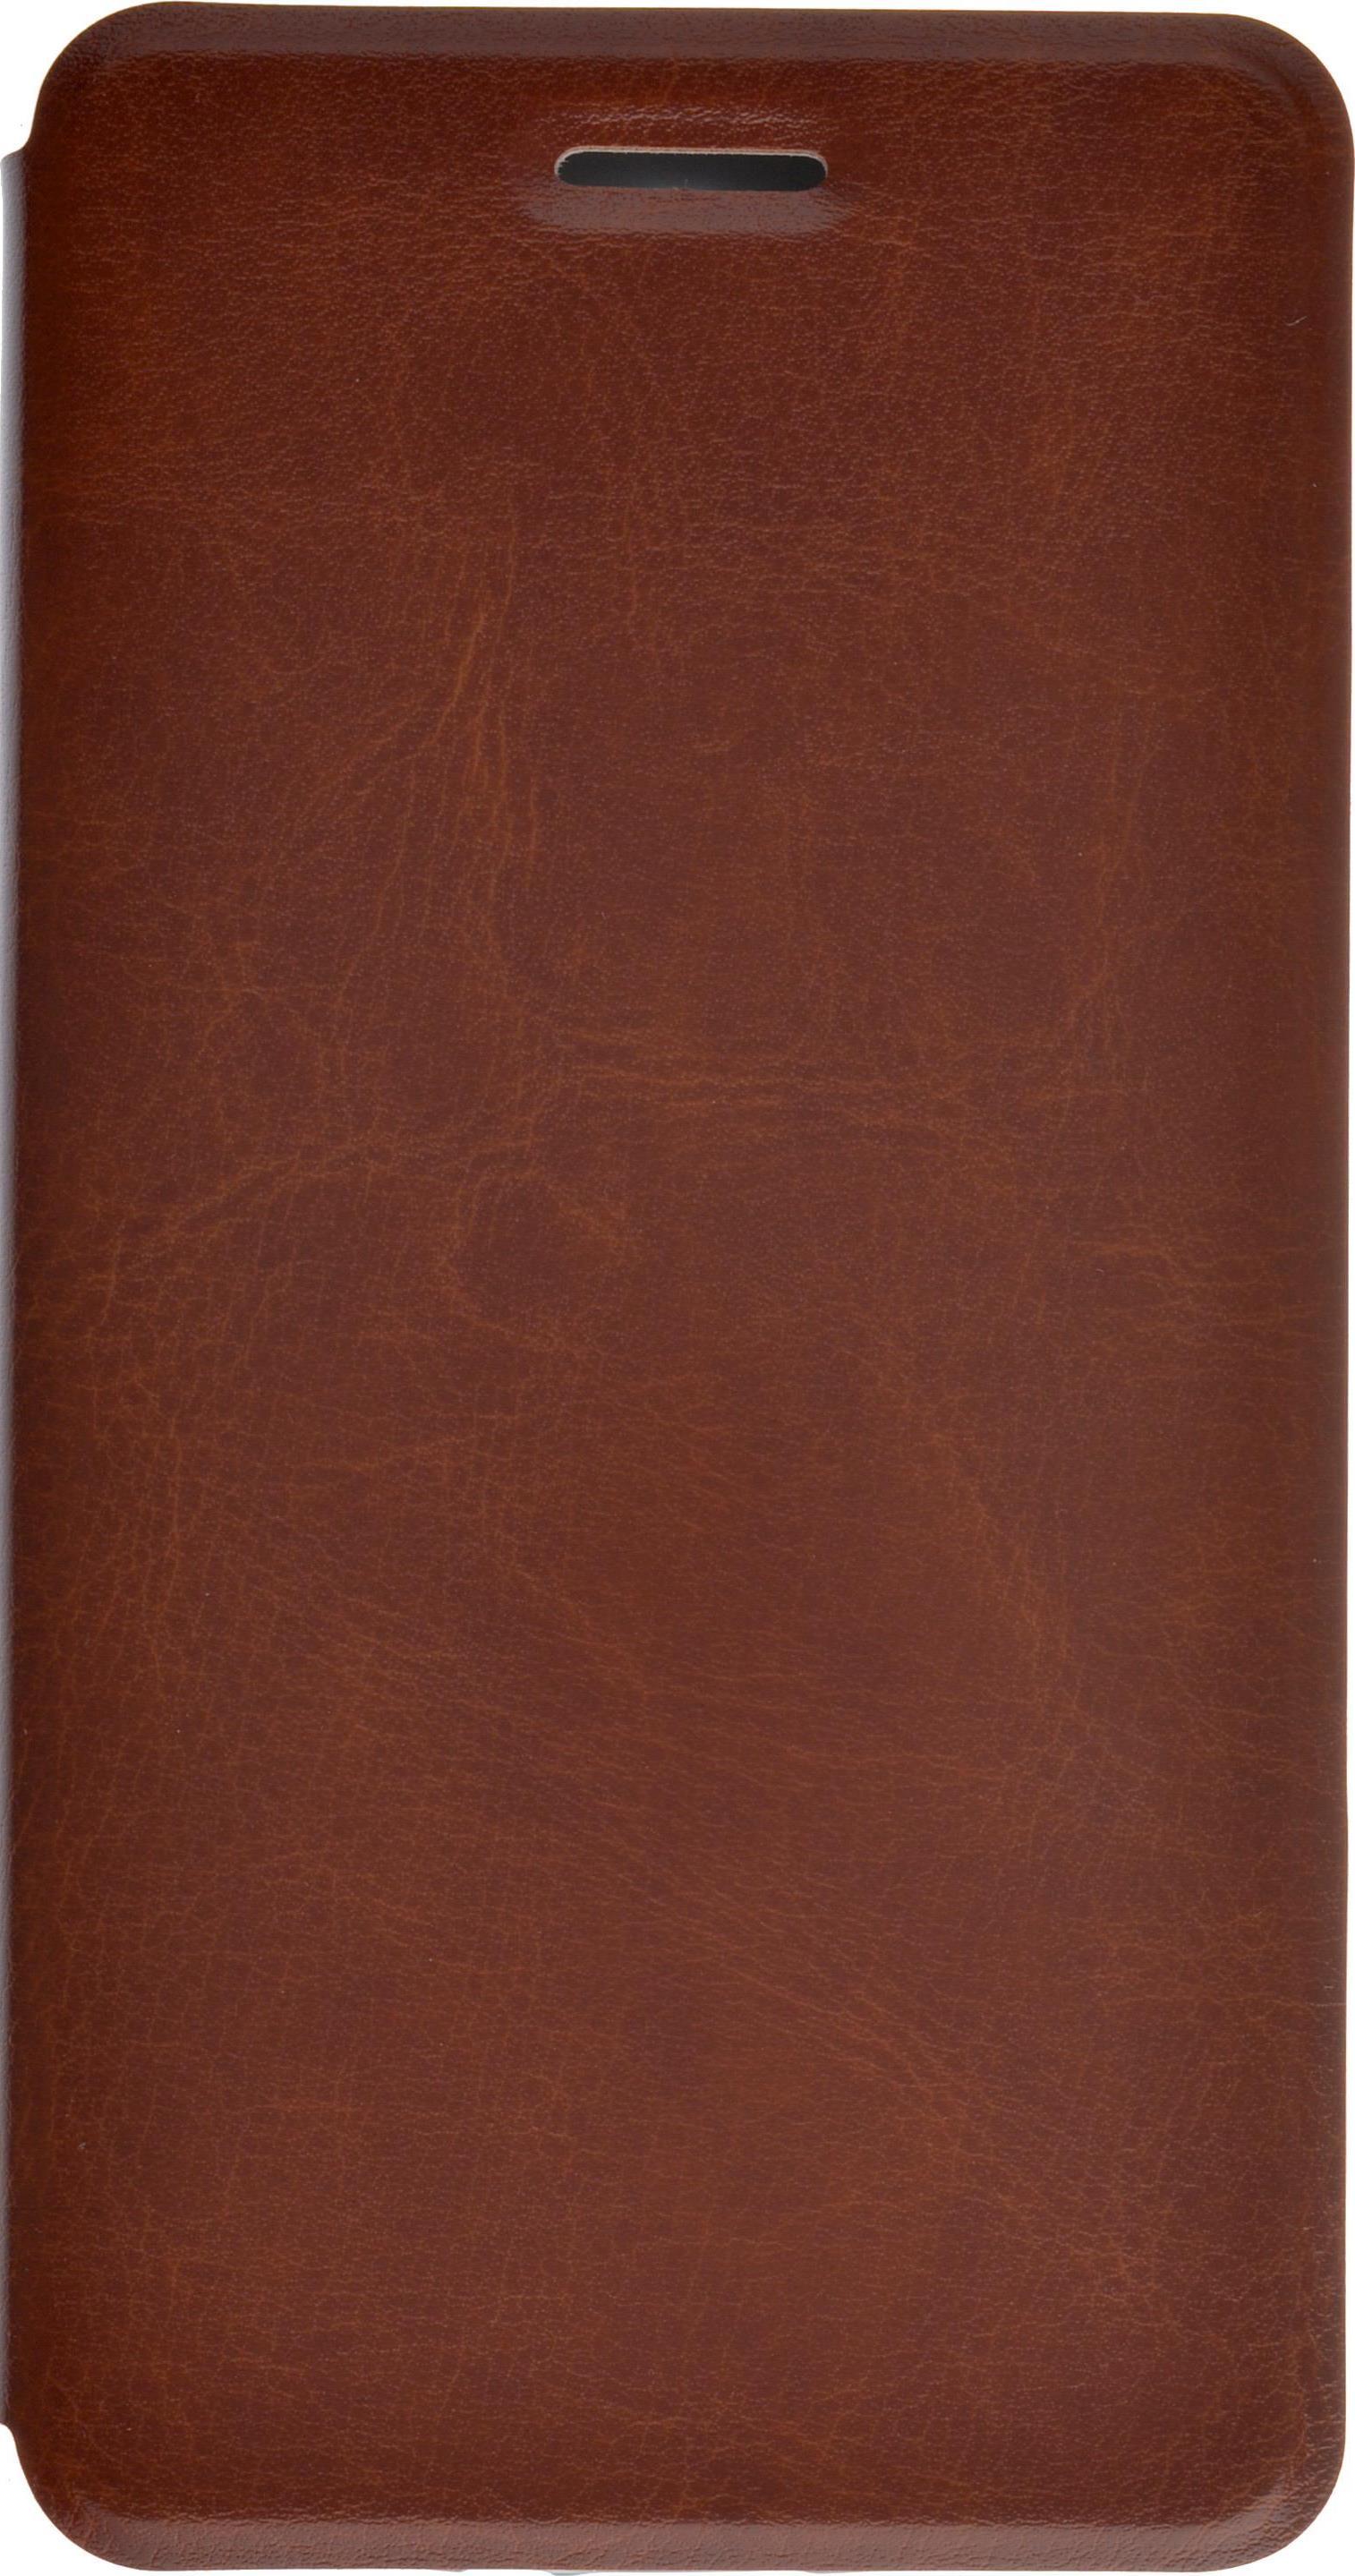 Чехол skinBOX для LGMax L Bello 2, 2000000080192, коричневый lg max x155